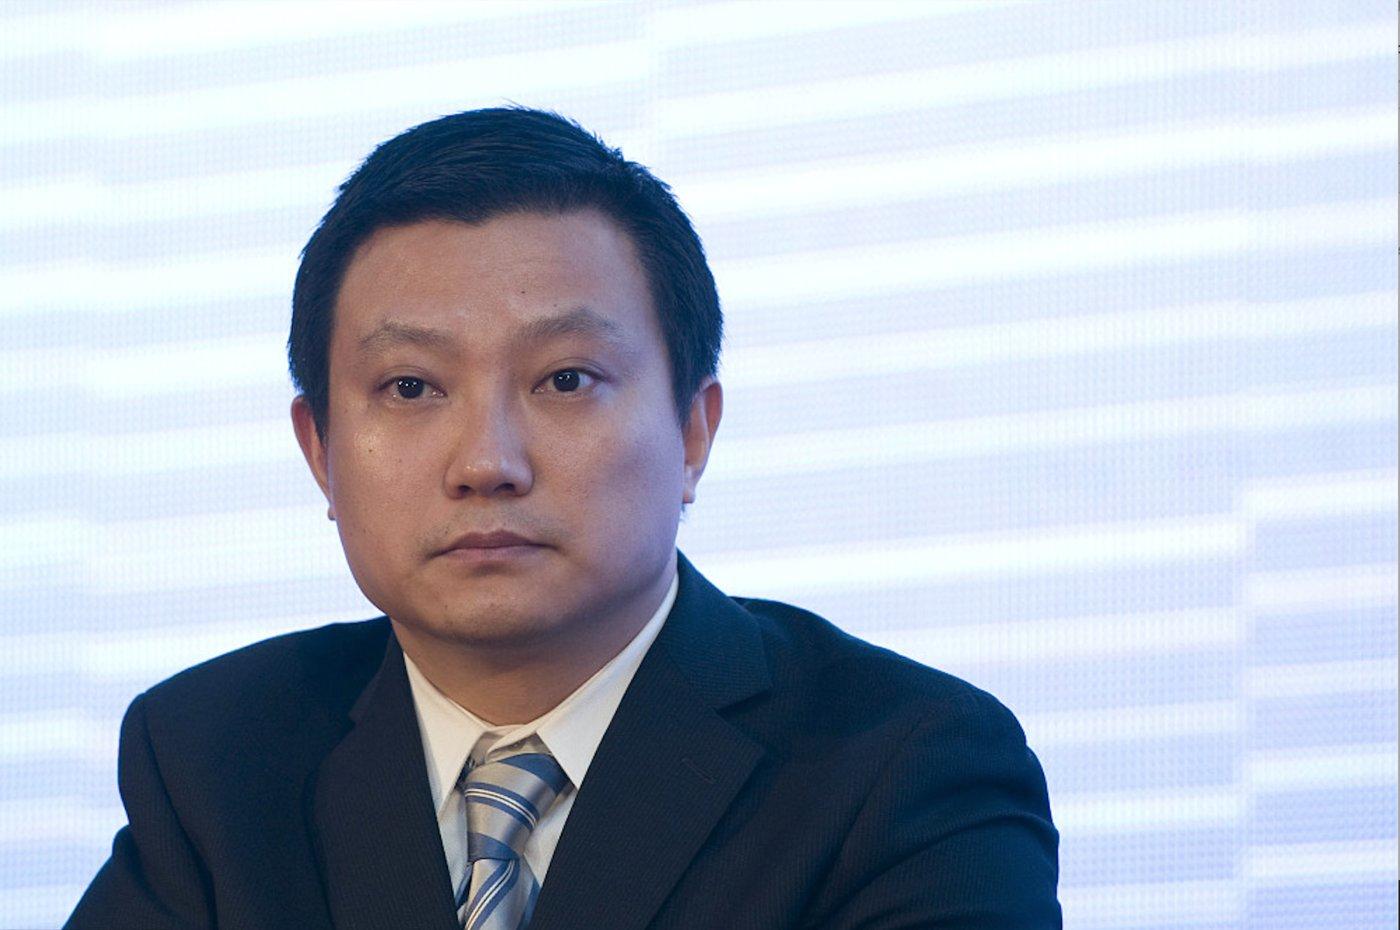 爱康国宾董事长、CEO张黎刚 来源:视觉中国